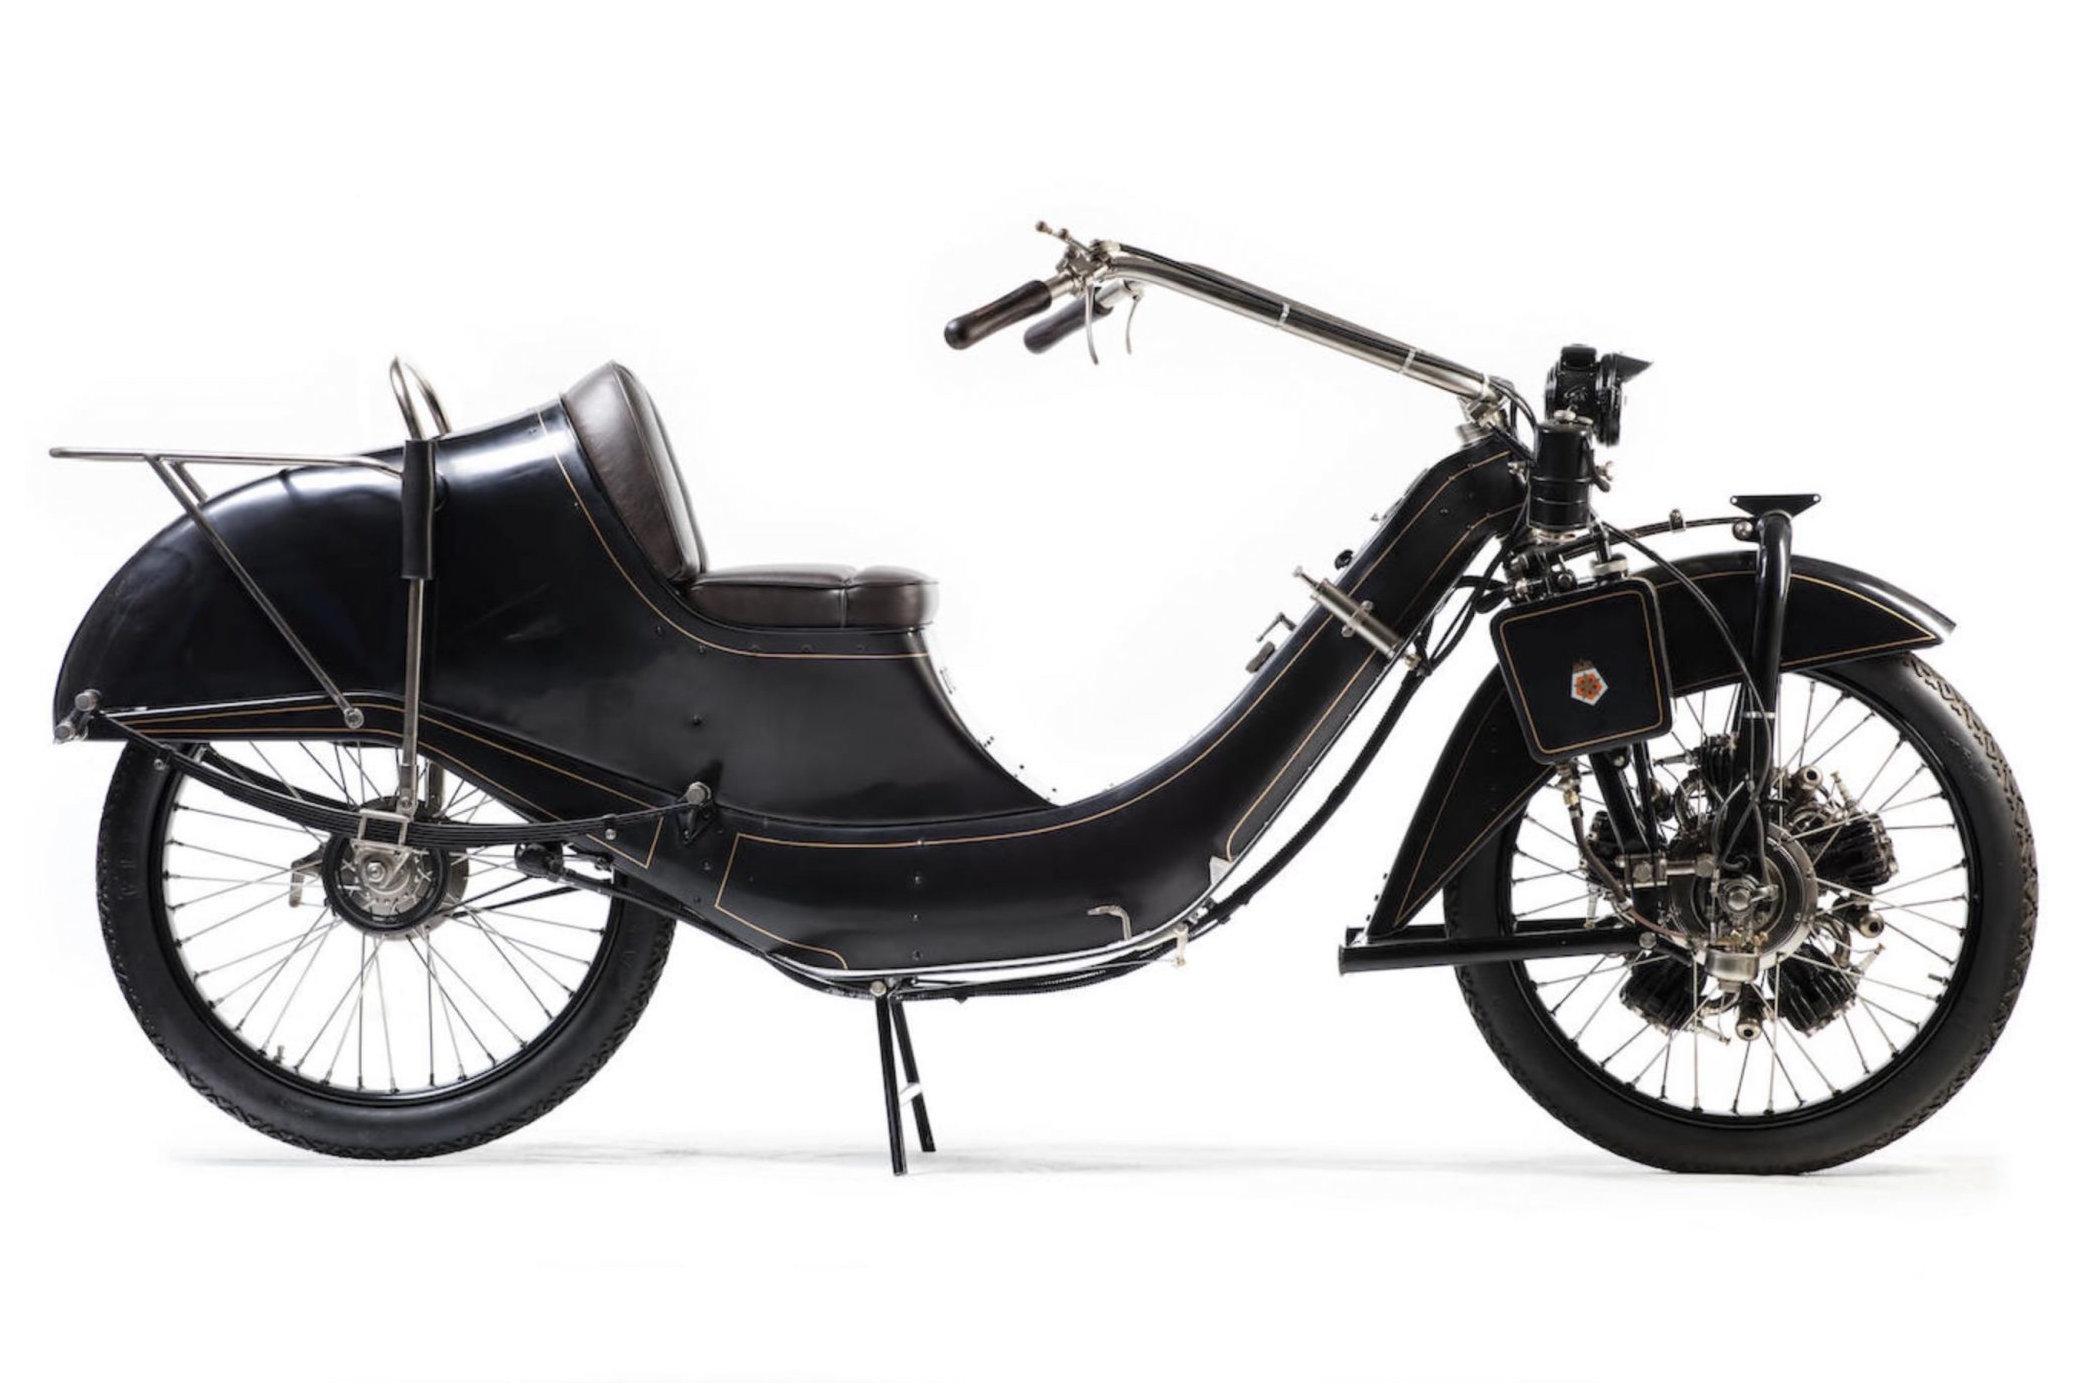 1922 Megola motorbike with front wheel mounted radial engine 2